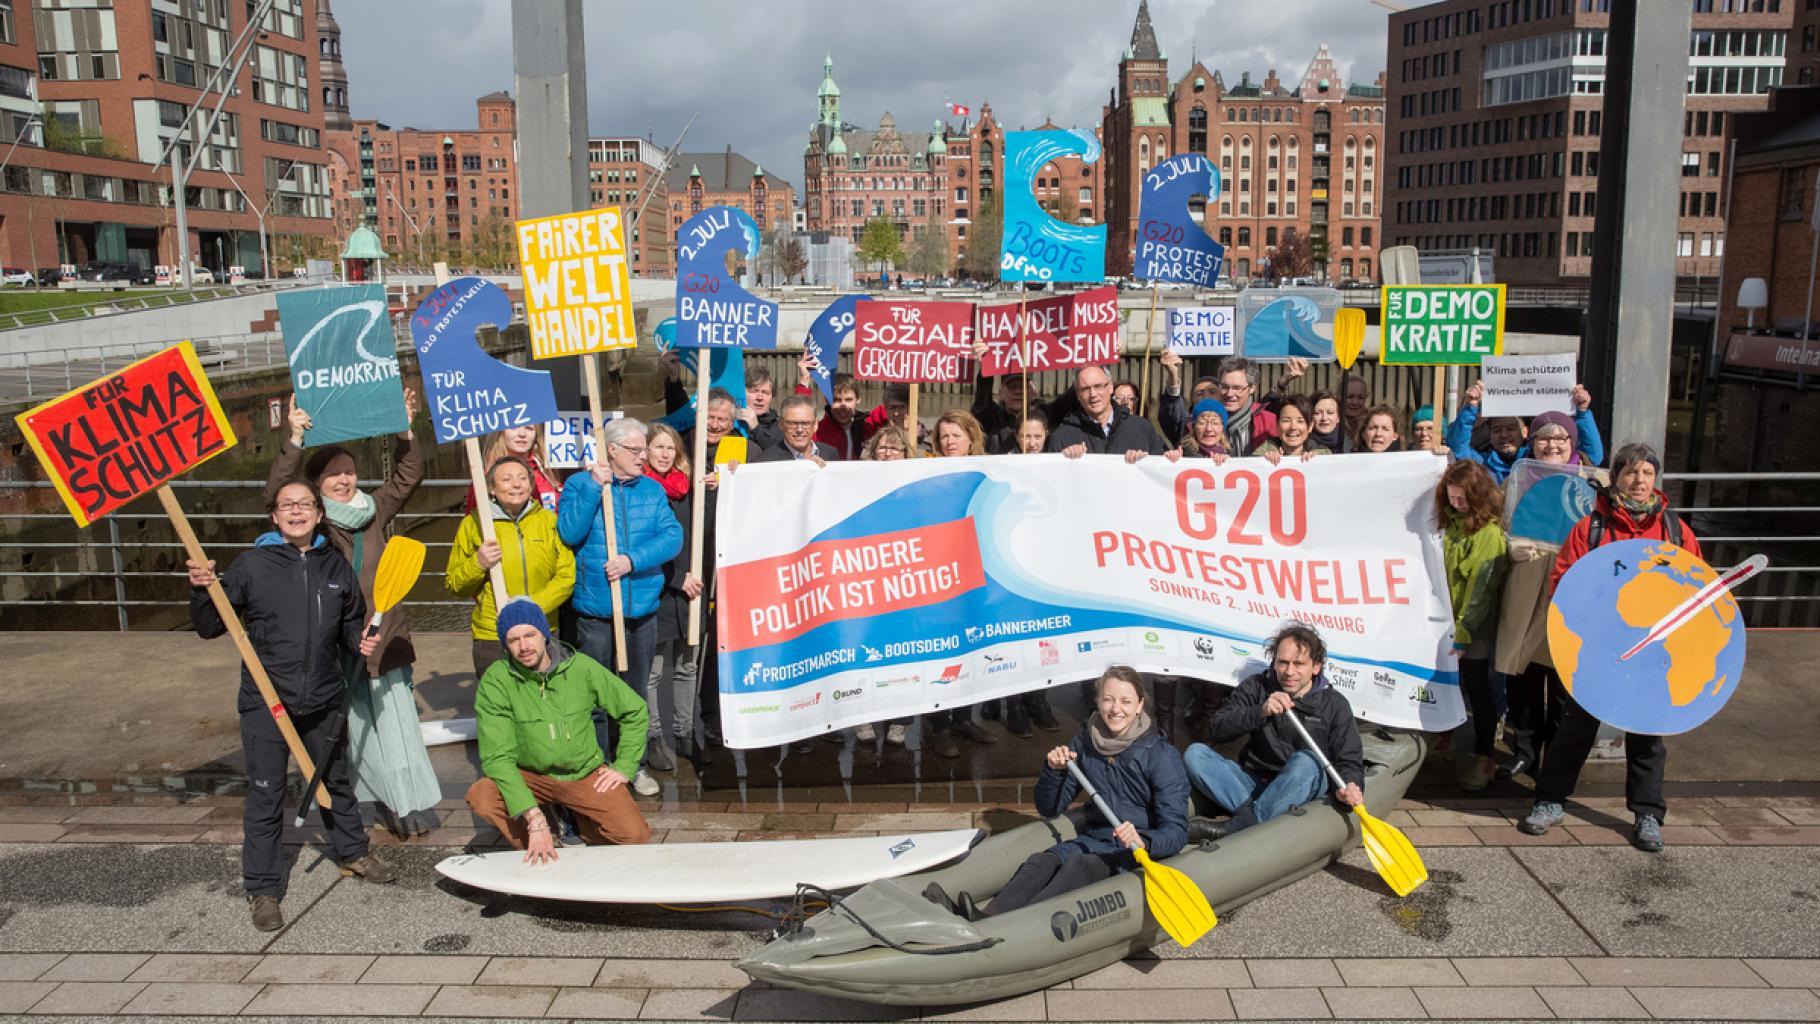 G20 Protestwelle: Eine andere Politik ist nötig